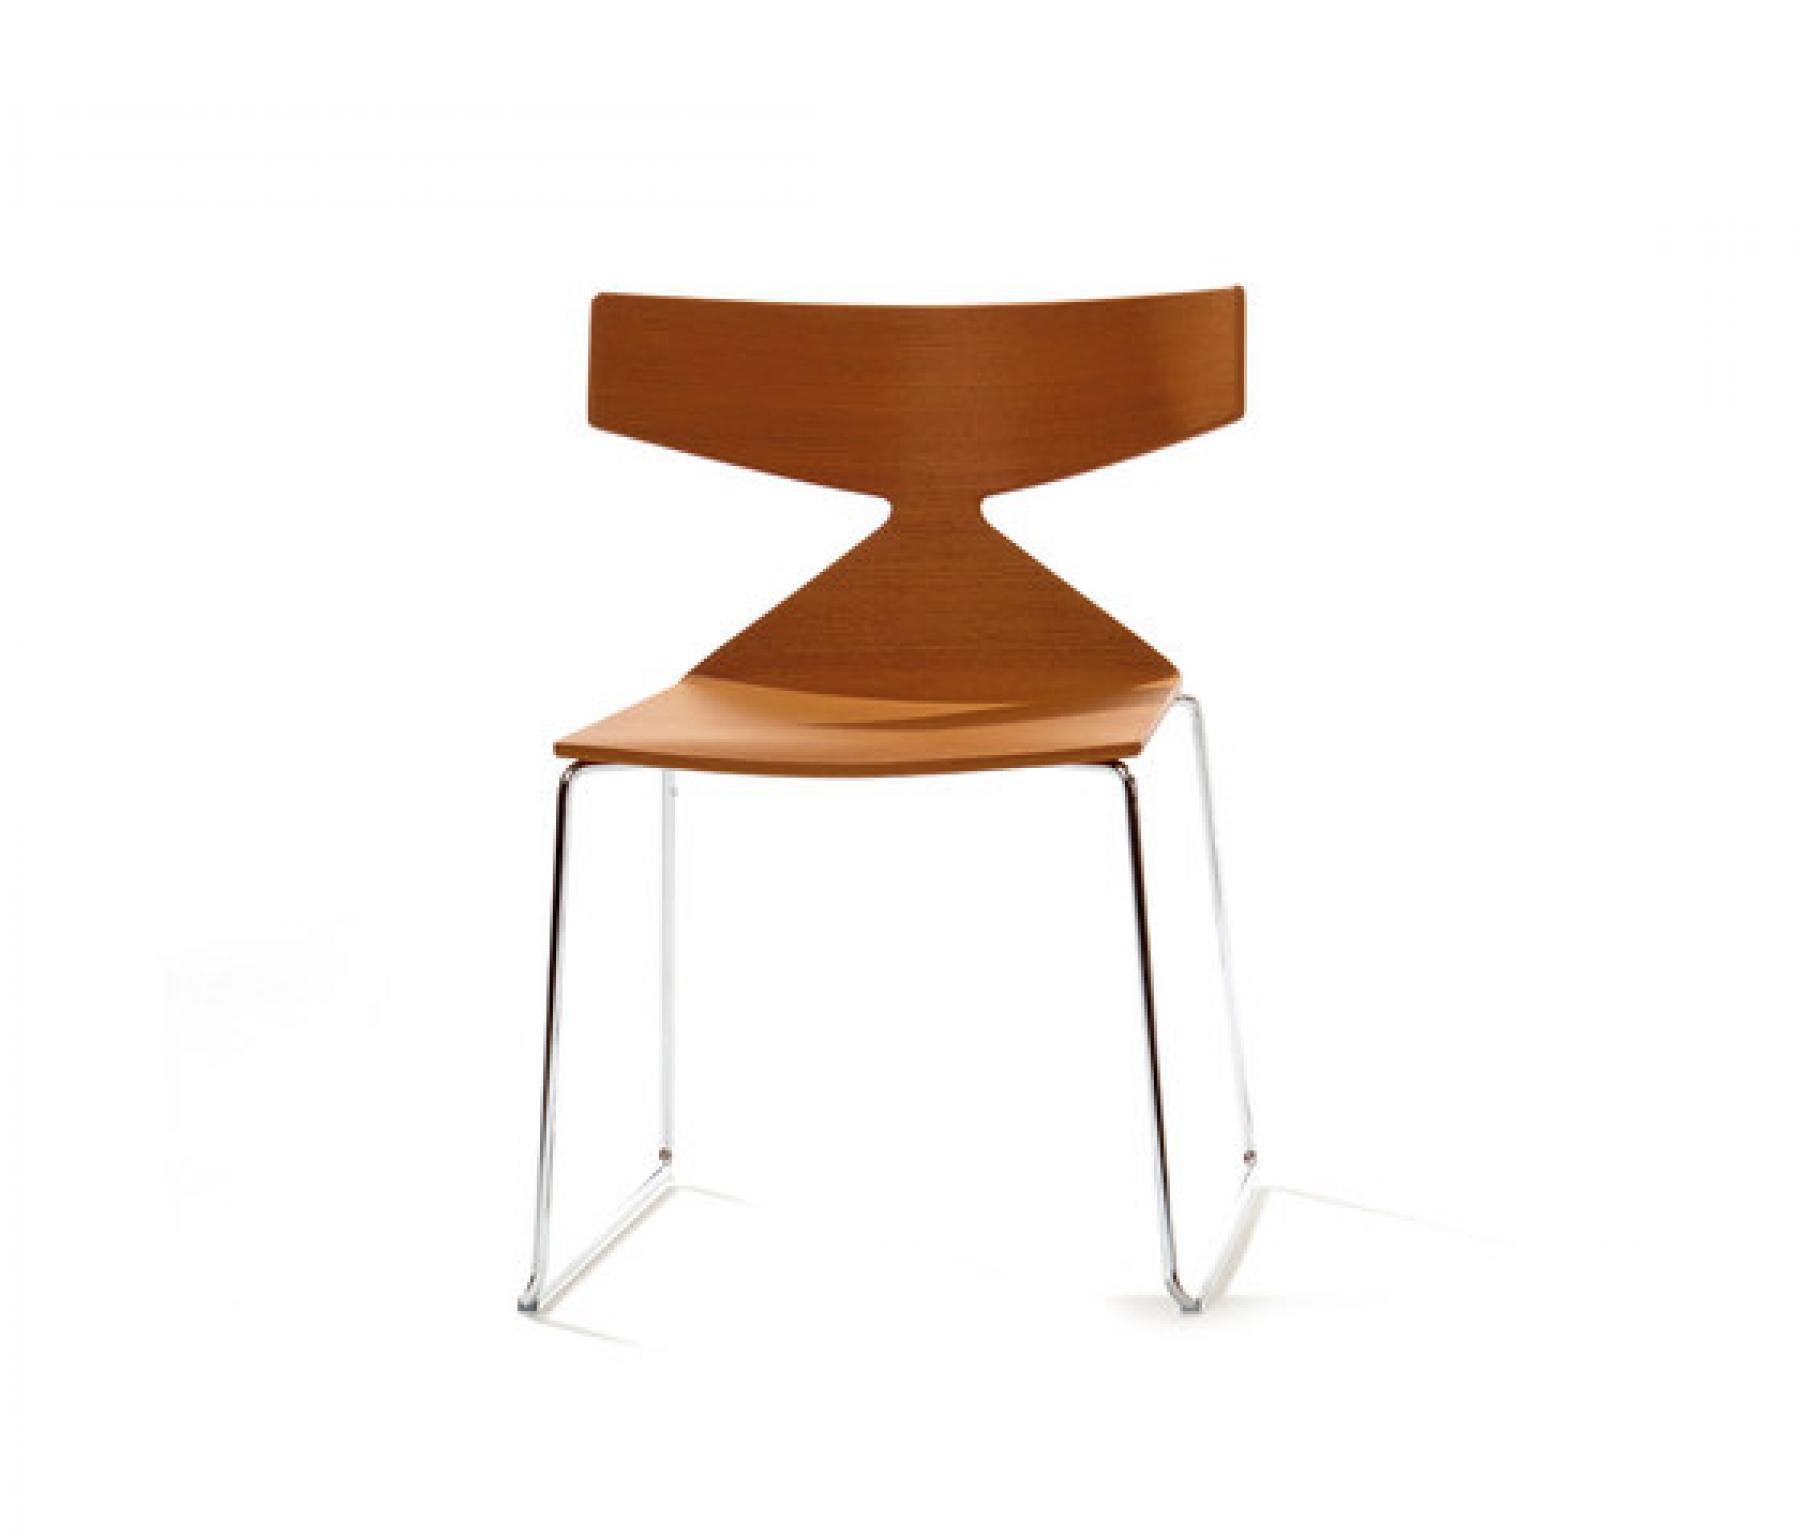 multifuncitonele stoel arper saya design item SKEPP